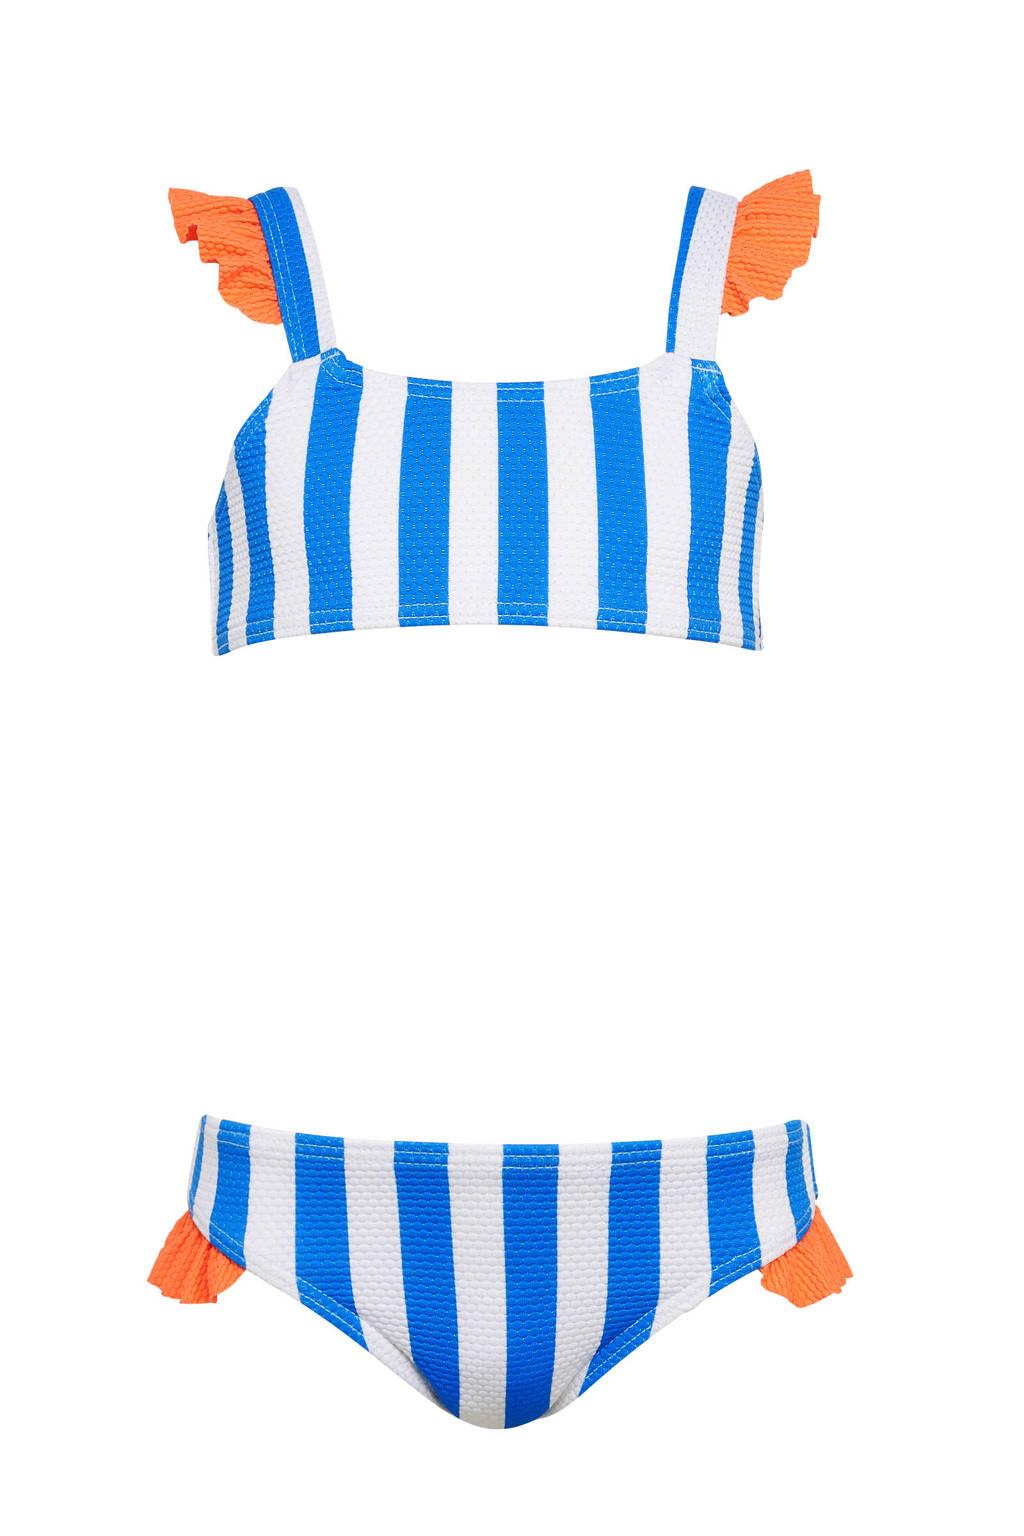 BEACHWAVE baby girls gestreepte crop bikini met ruches blauw/wit, Blauw/wit